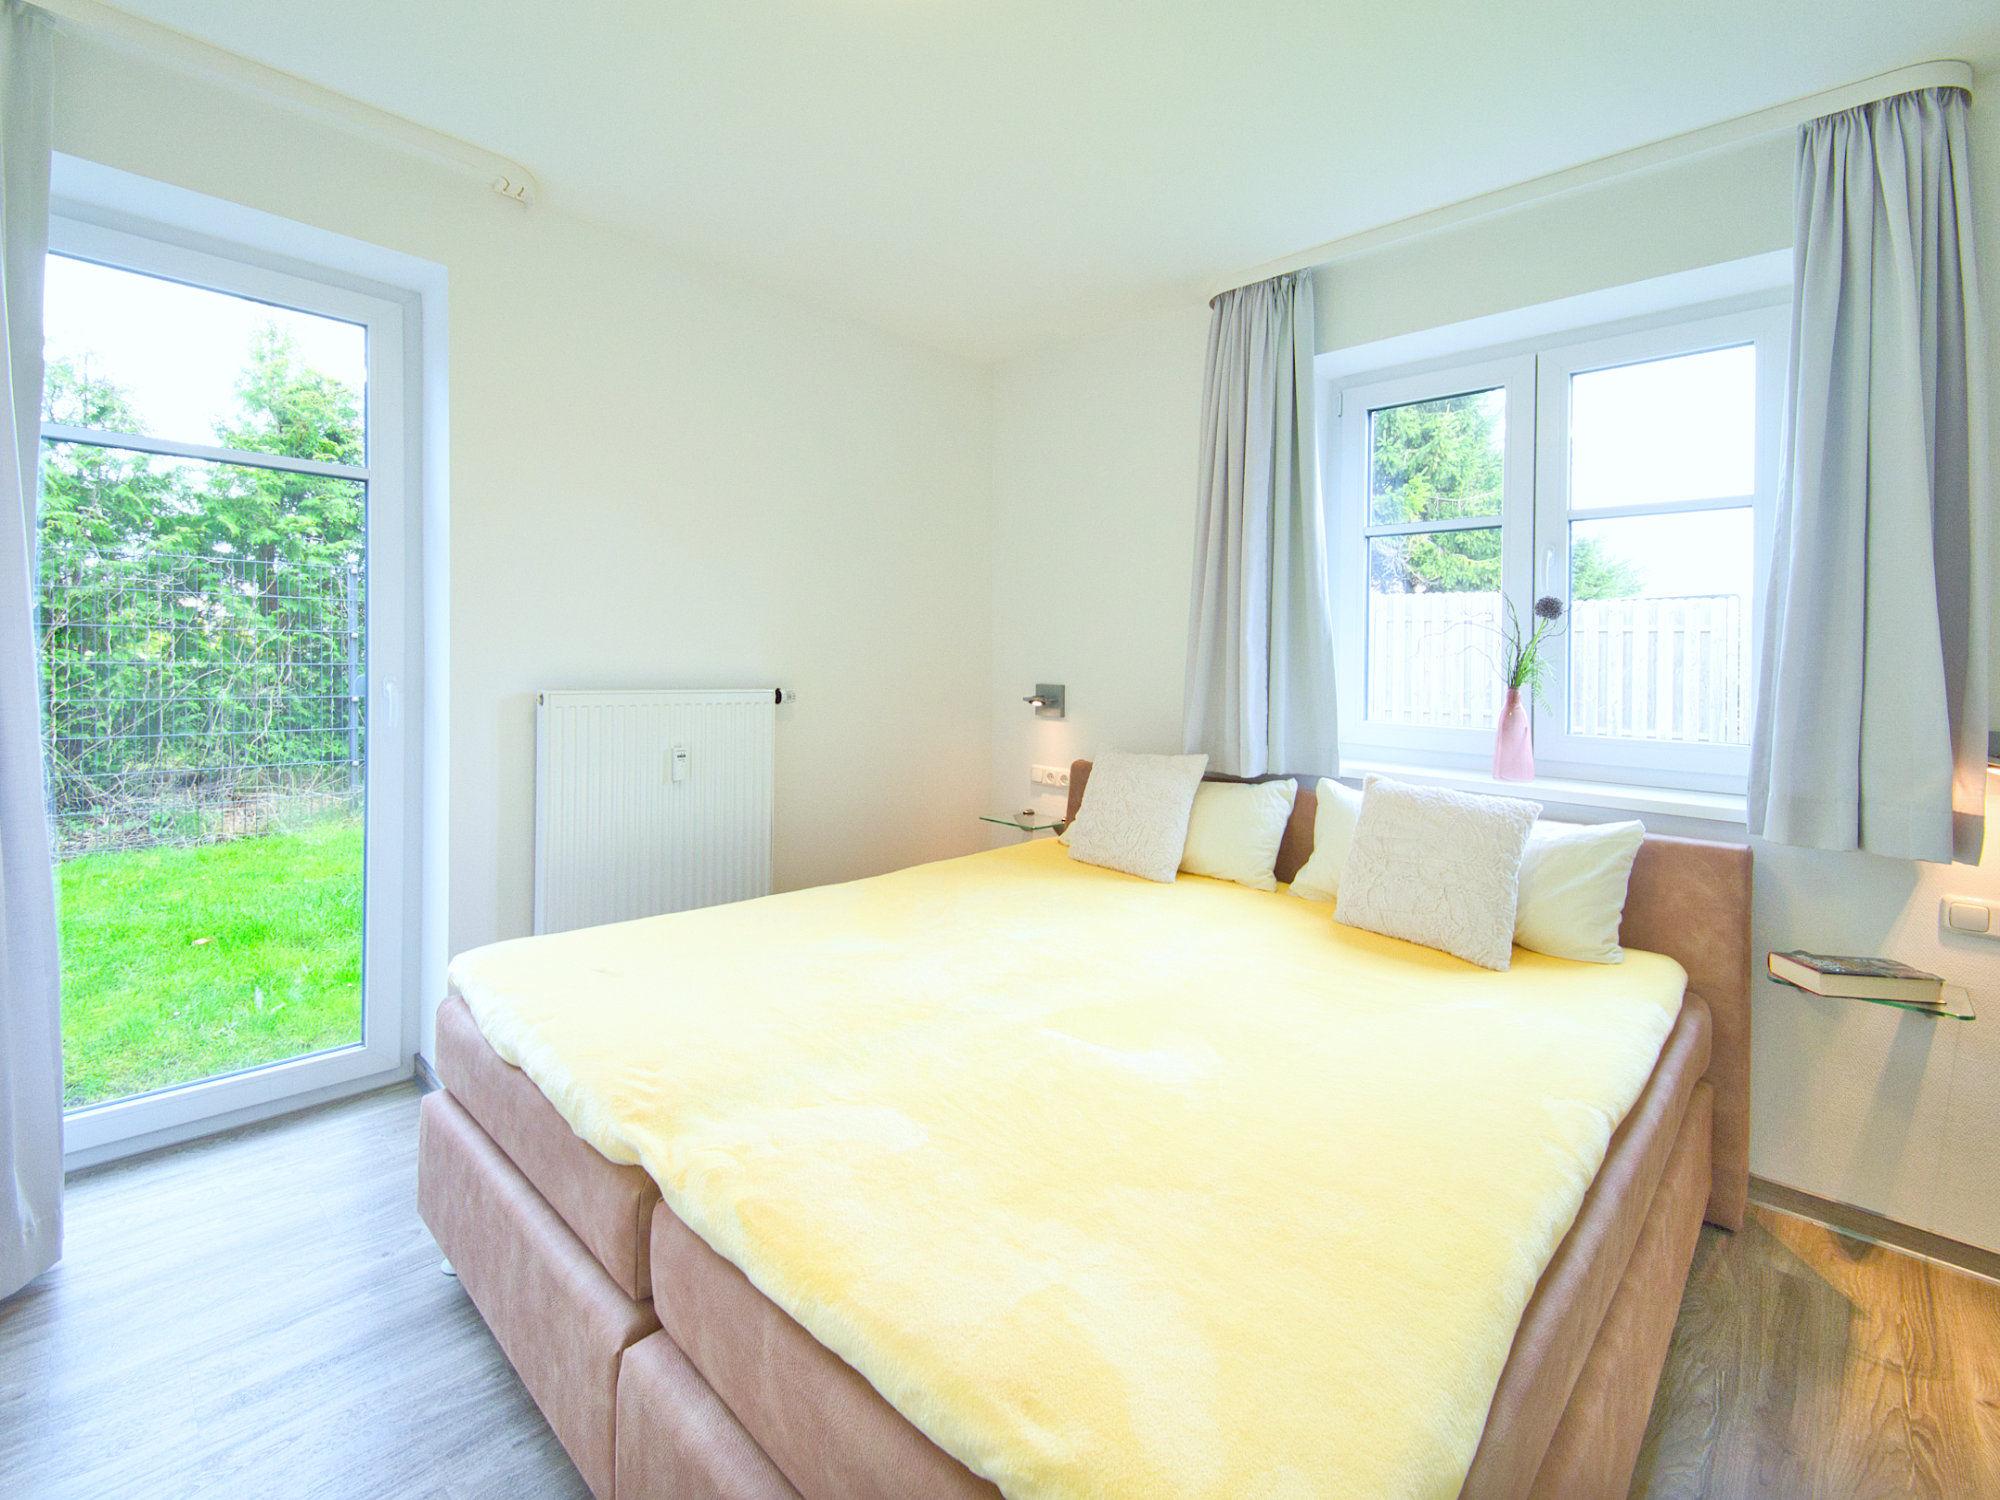 Zweites Schlafzimmer mit Doppelbett, einem Fenster und einer Terrassentür